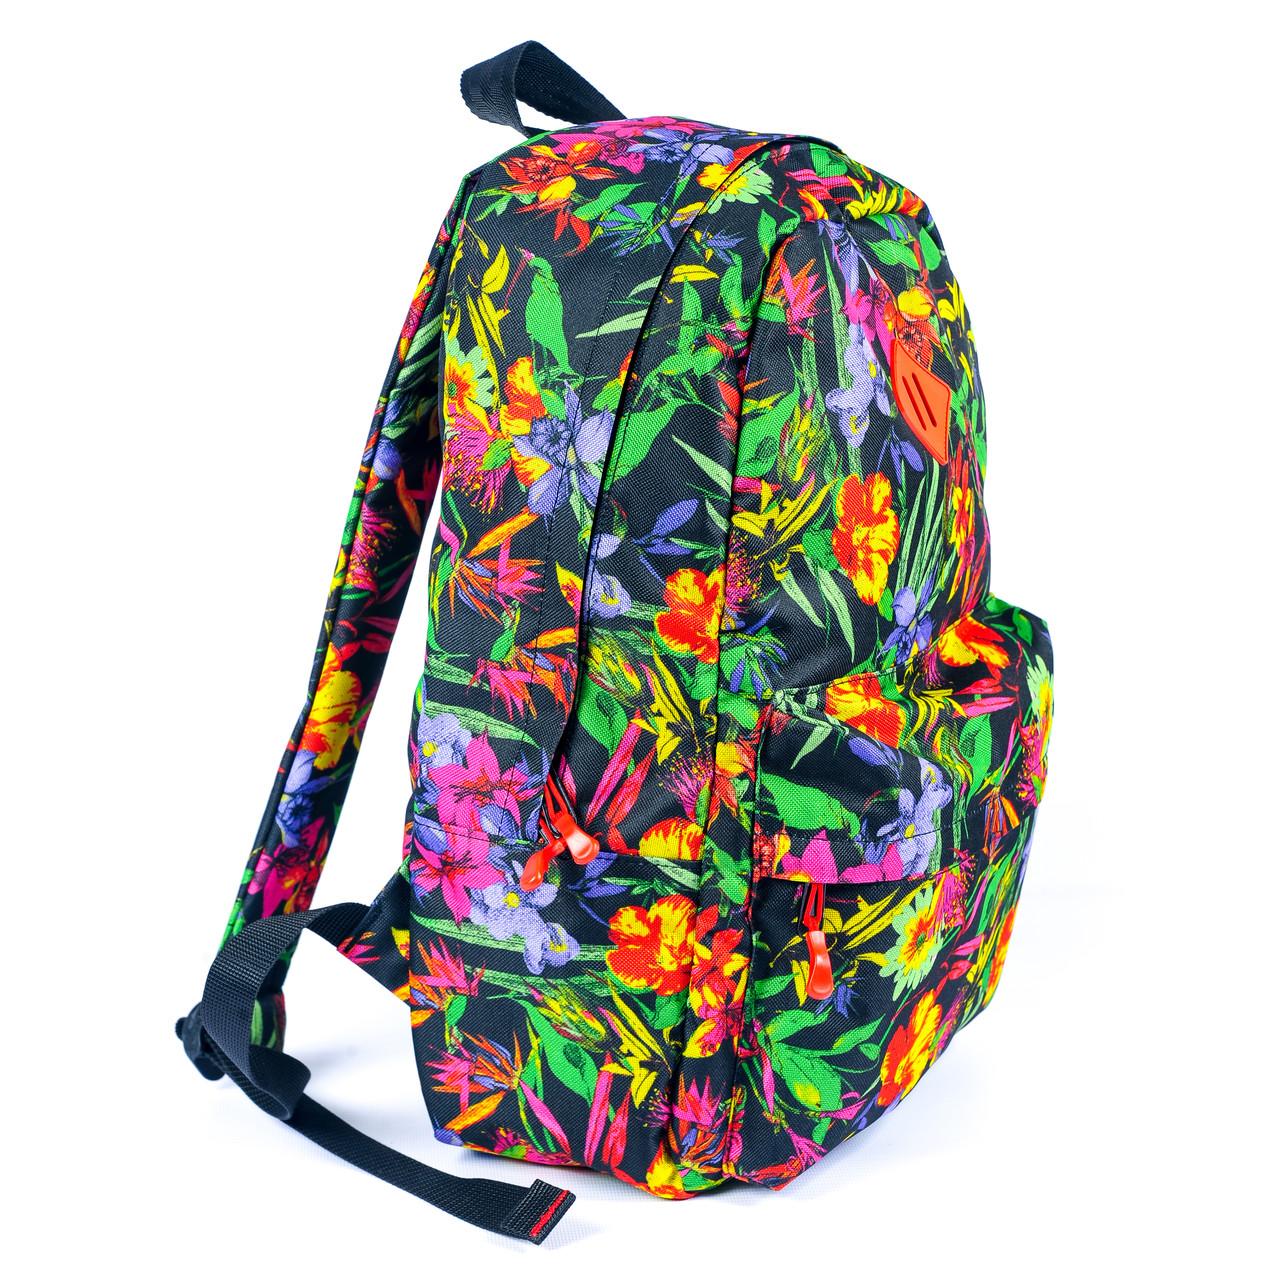 Рюкзак Mayers молодежный с цветочным принтом, 14 л, фото 7